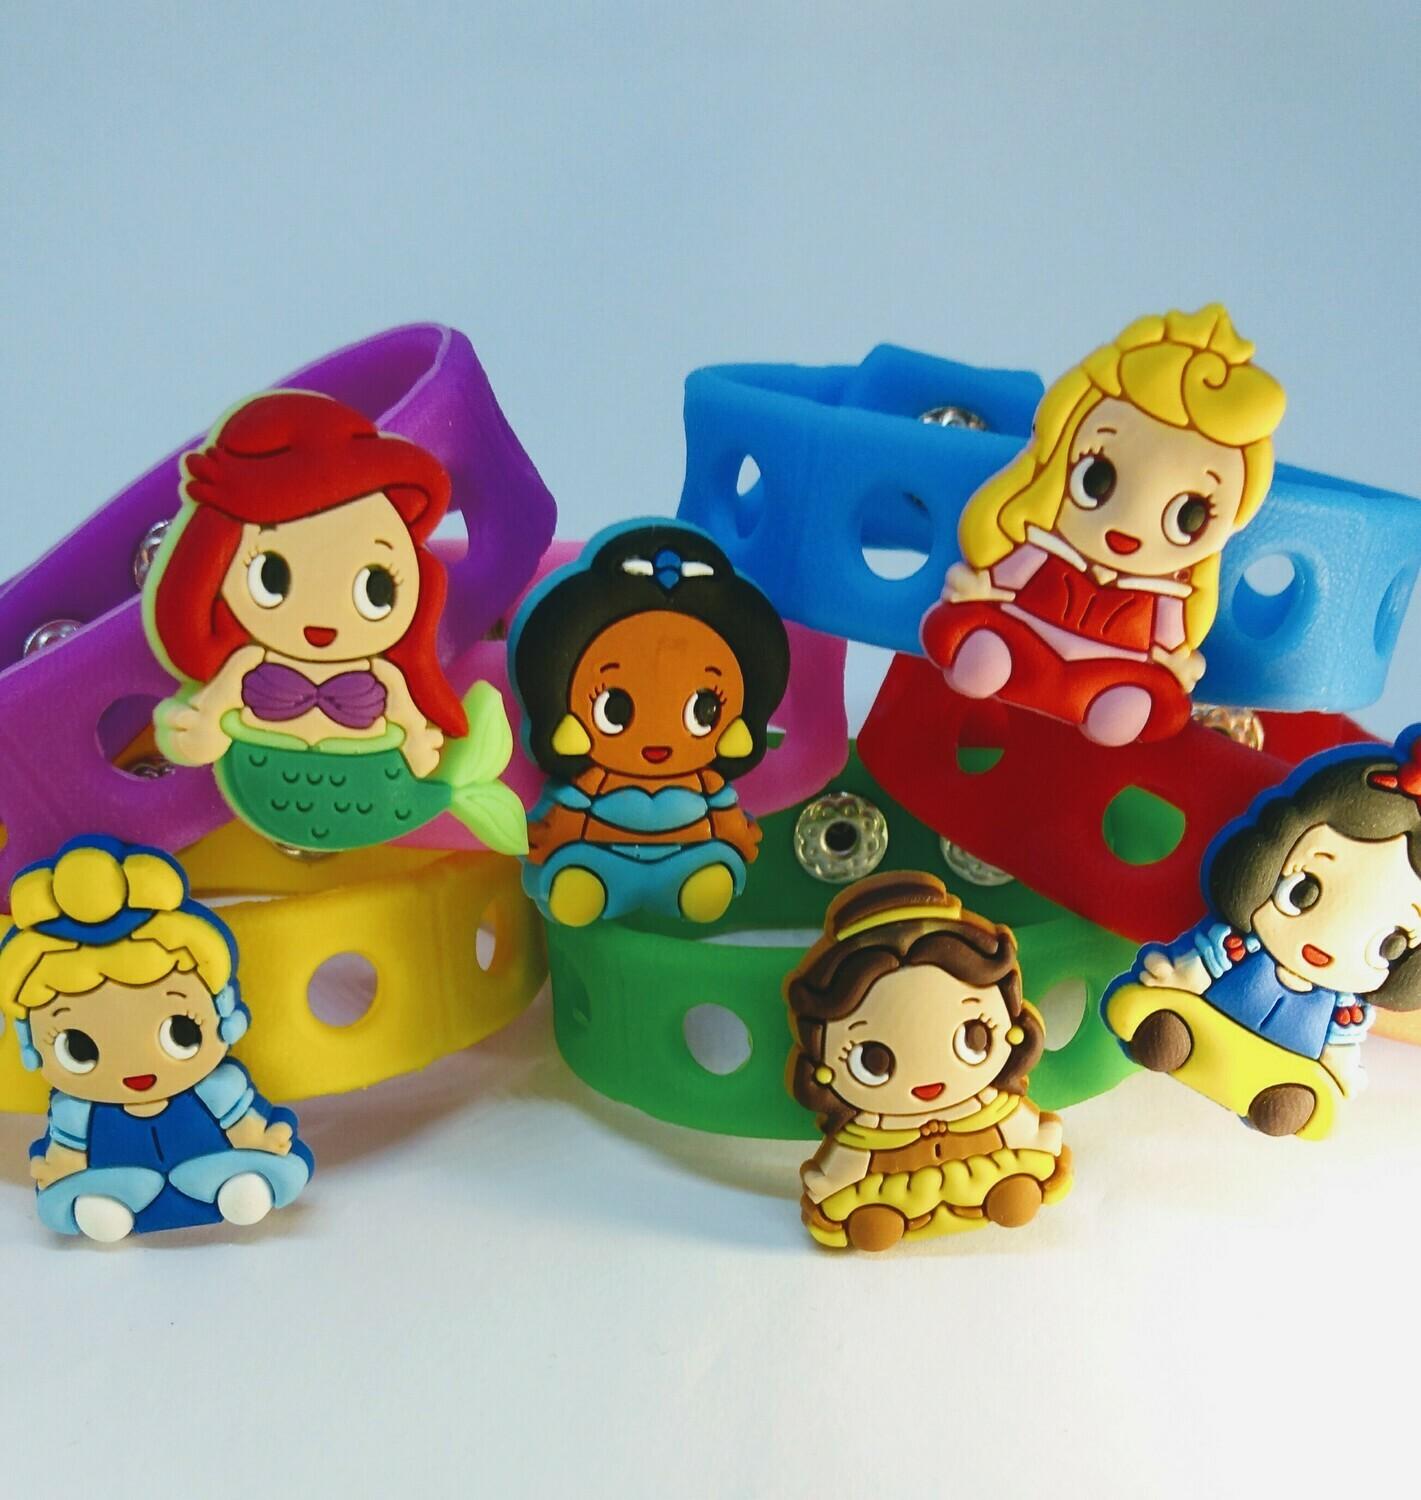 10 Braccialetti personalizzati Princess le principesse Disney 3D gomma silicone pvc morbido gadgets fine festa a tema compleanno bambini